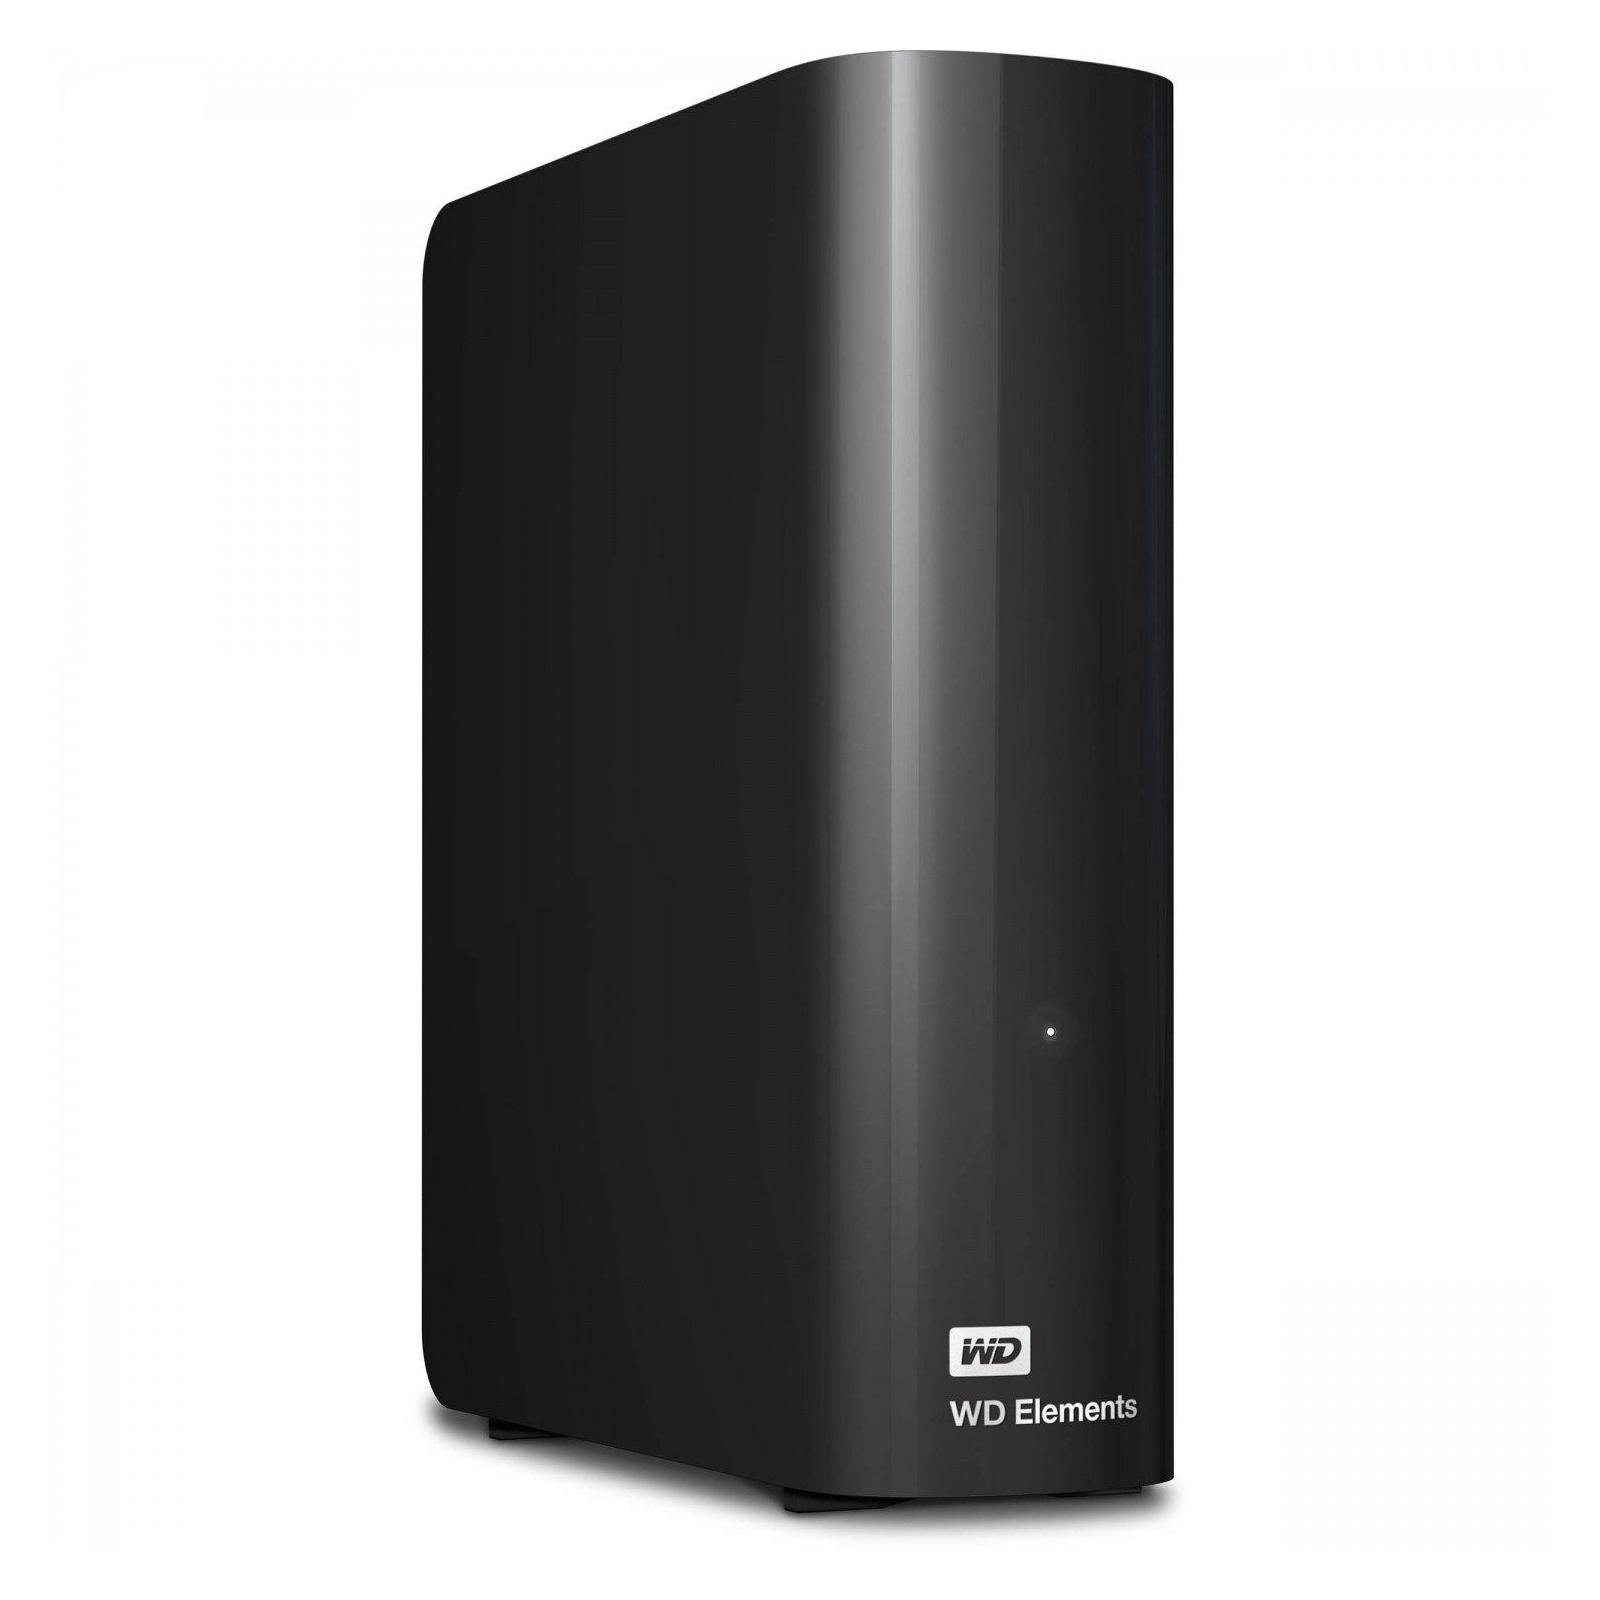 """Внешний жесткий диск 3.5"""" 8TB Western Digital (WDBWLG0080HBK-EESN) изображение 3"""